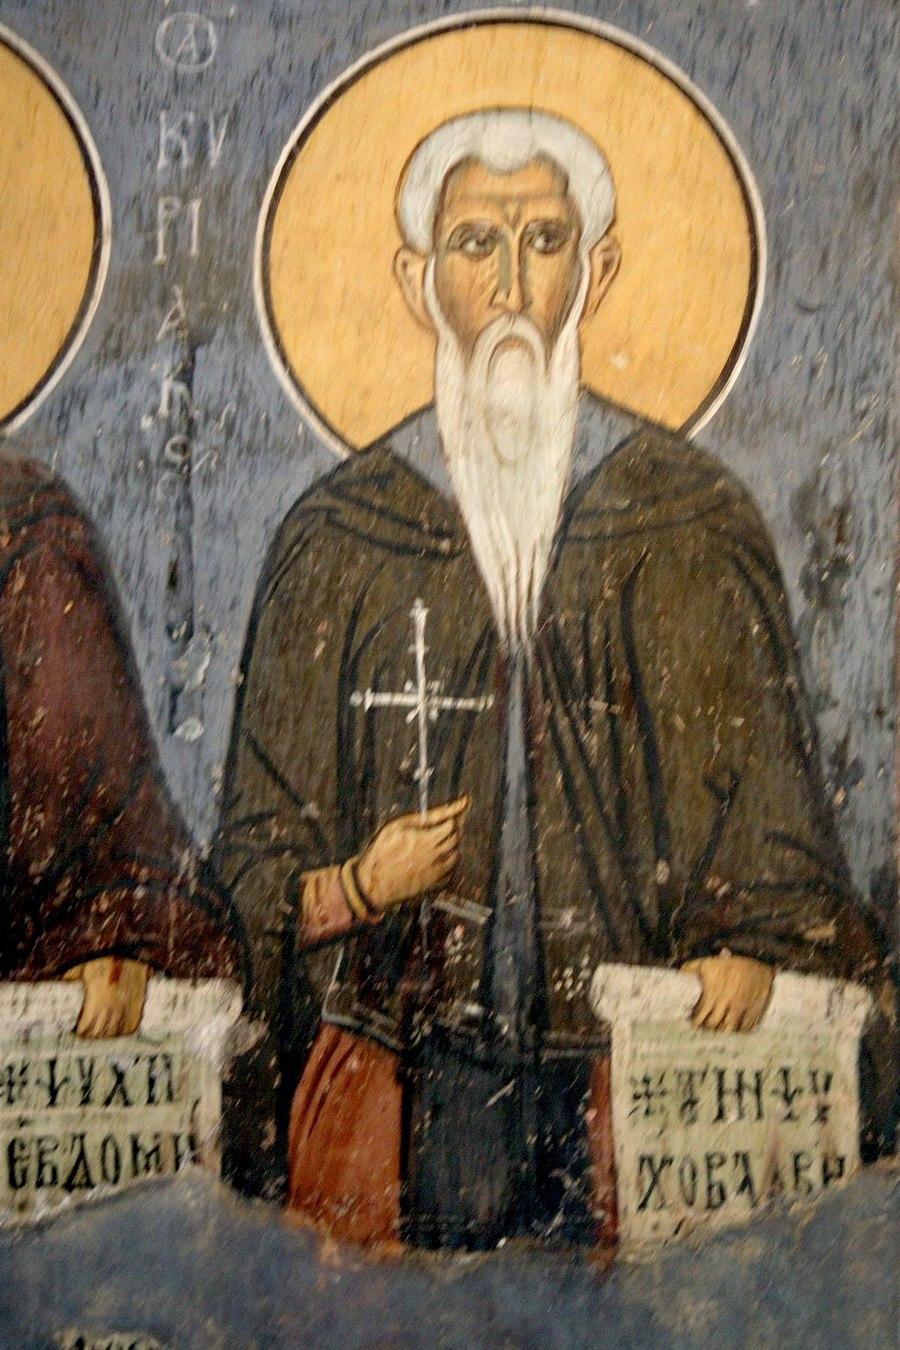 Святой Преподобный Кириак Отшельник. Фреска церкви Панагии Форвиотиссы (Панагии Асину) в Никитари на Кипре. 1105 - 1106 годы.